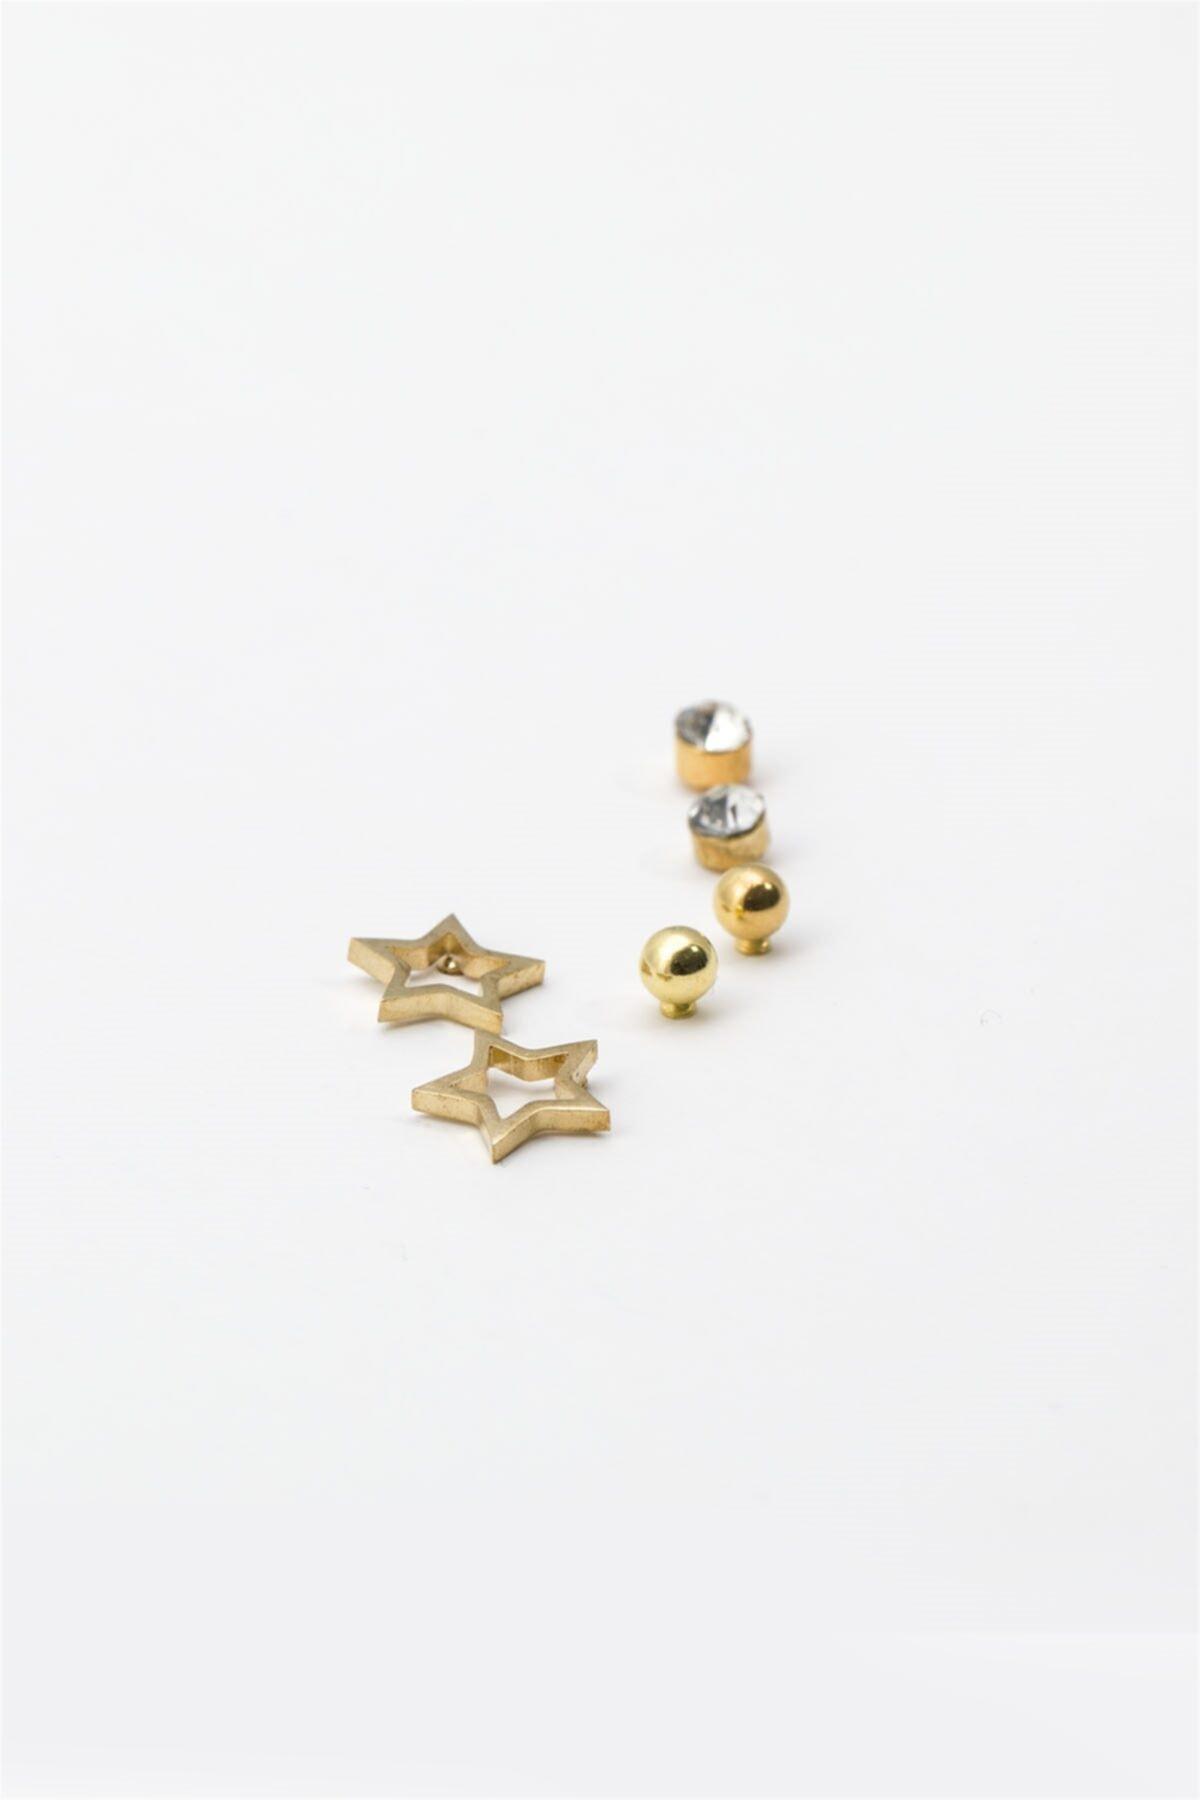 Sortie Aksesuar Yıldız Figürlü Zirkon Taşlı Çoklu Küpe Gold Renk 2